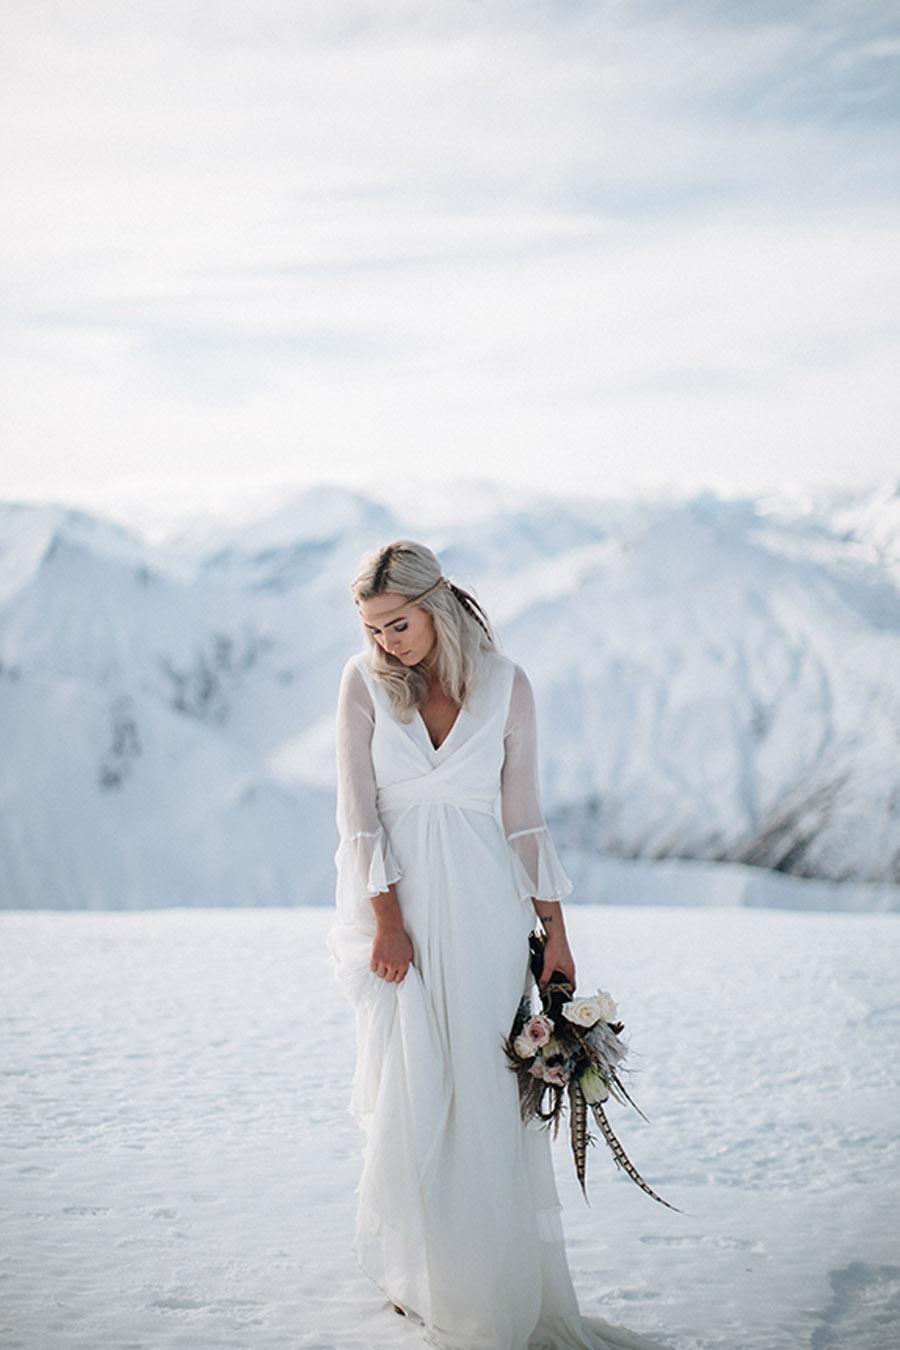 SESIÓN DE BODA EN ALTA MONTAÑA novia-nieve